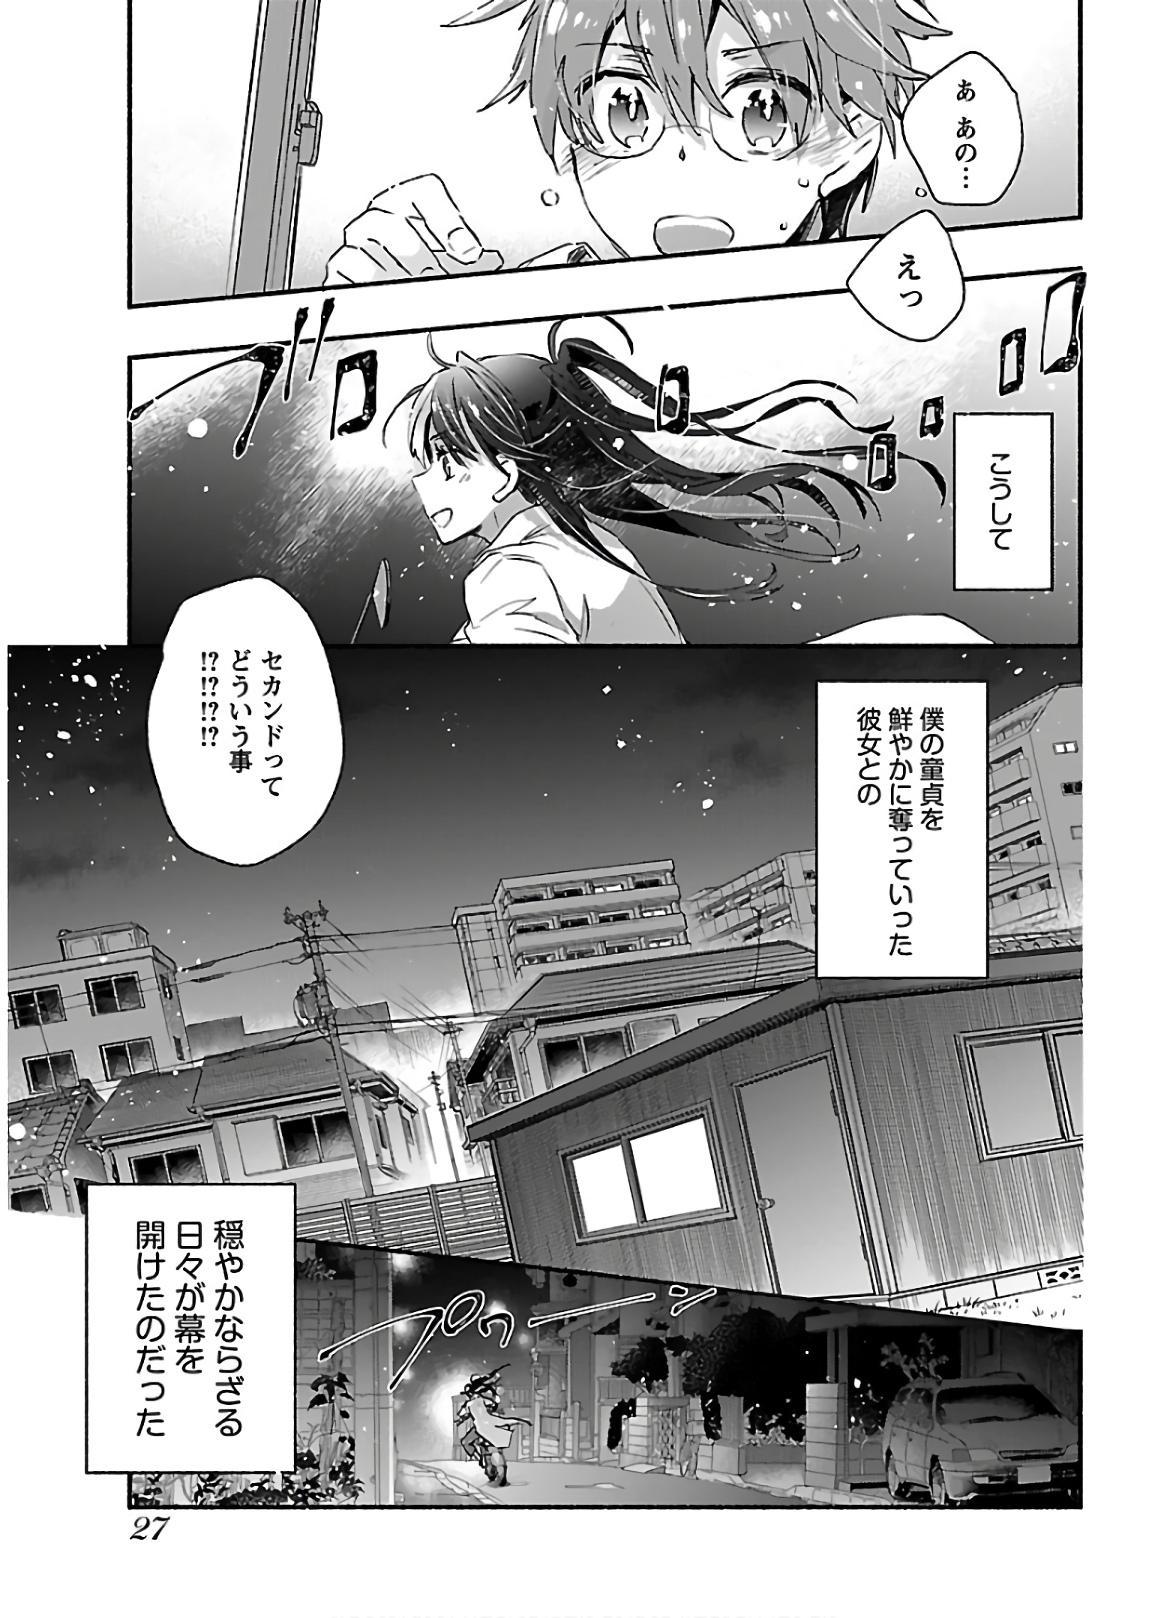 Yankii musume ni natsukarete kotoshi mo juken ni shippai shisou desu  vol.1 28